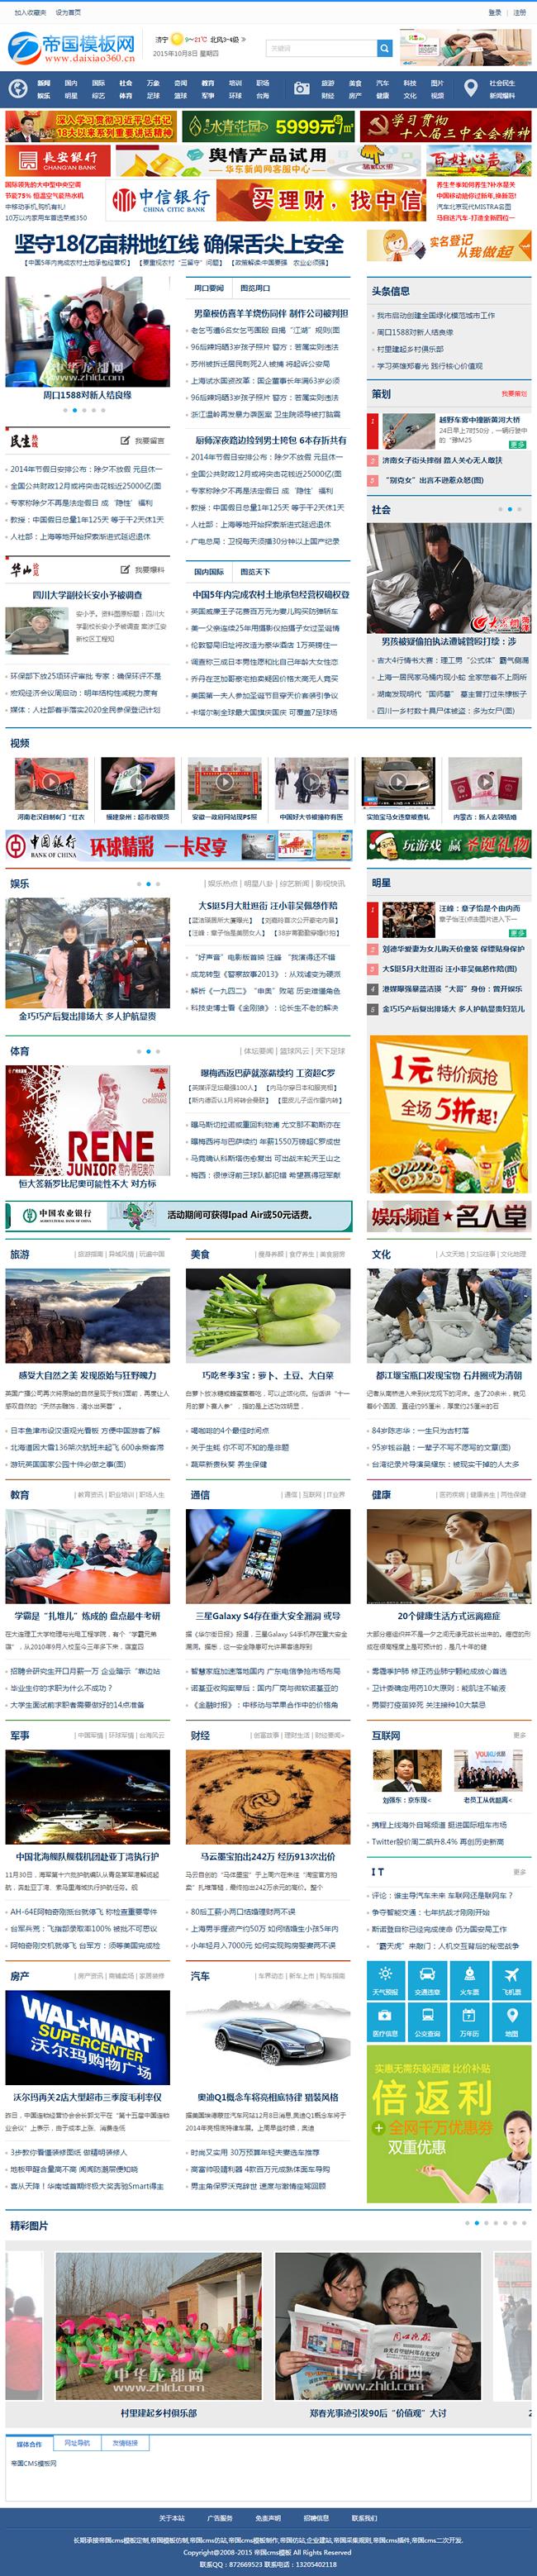 帝国cms新闻资讯门户网站模板_首页